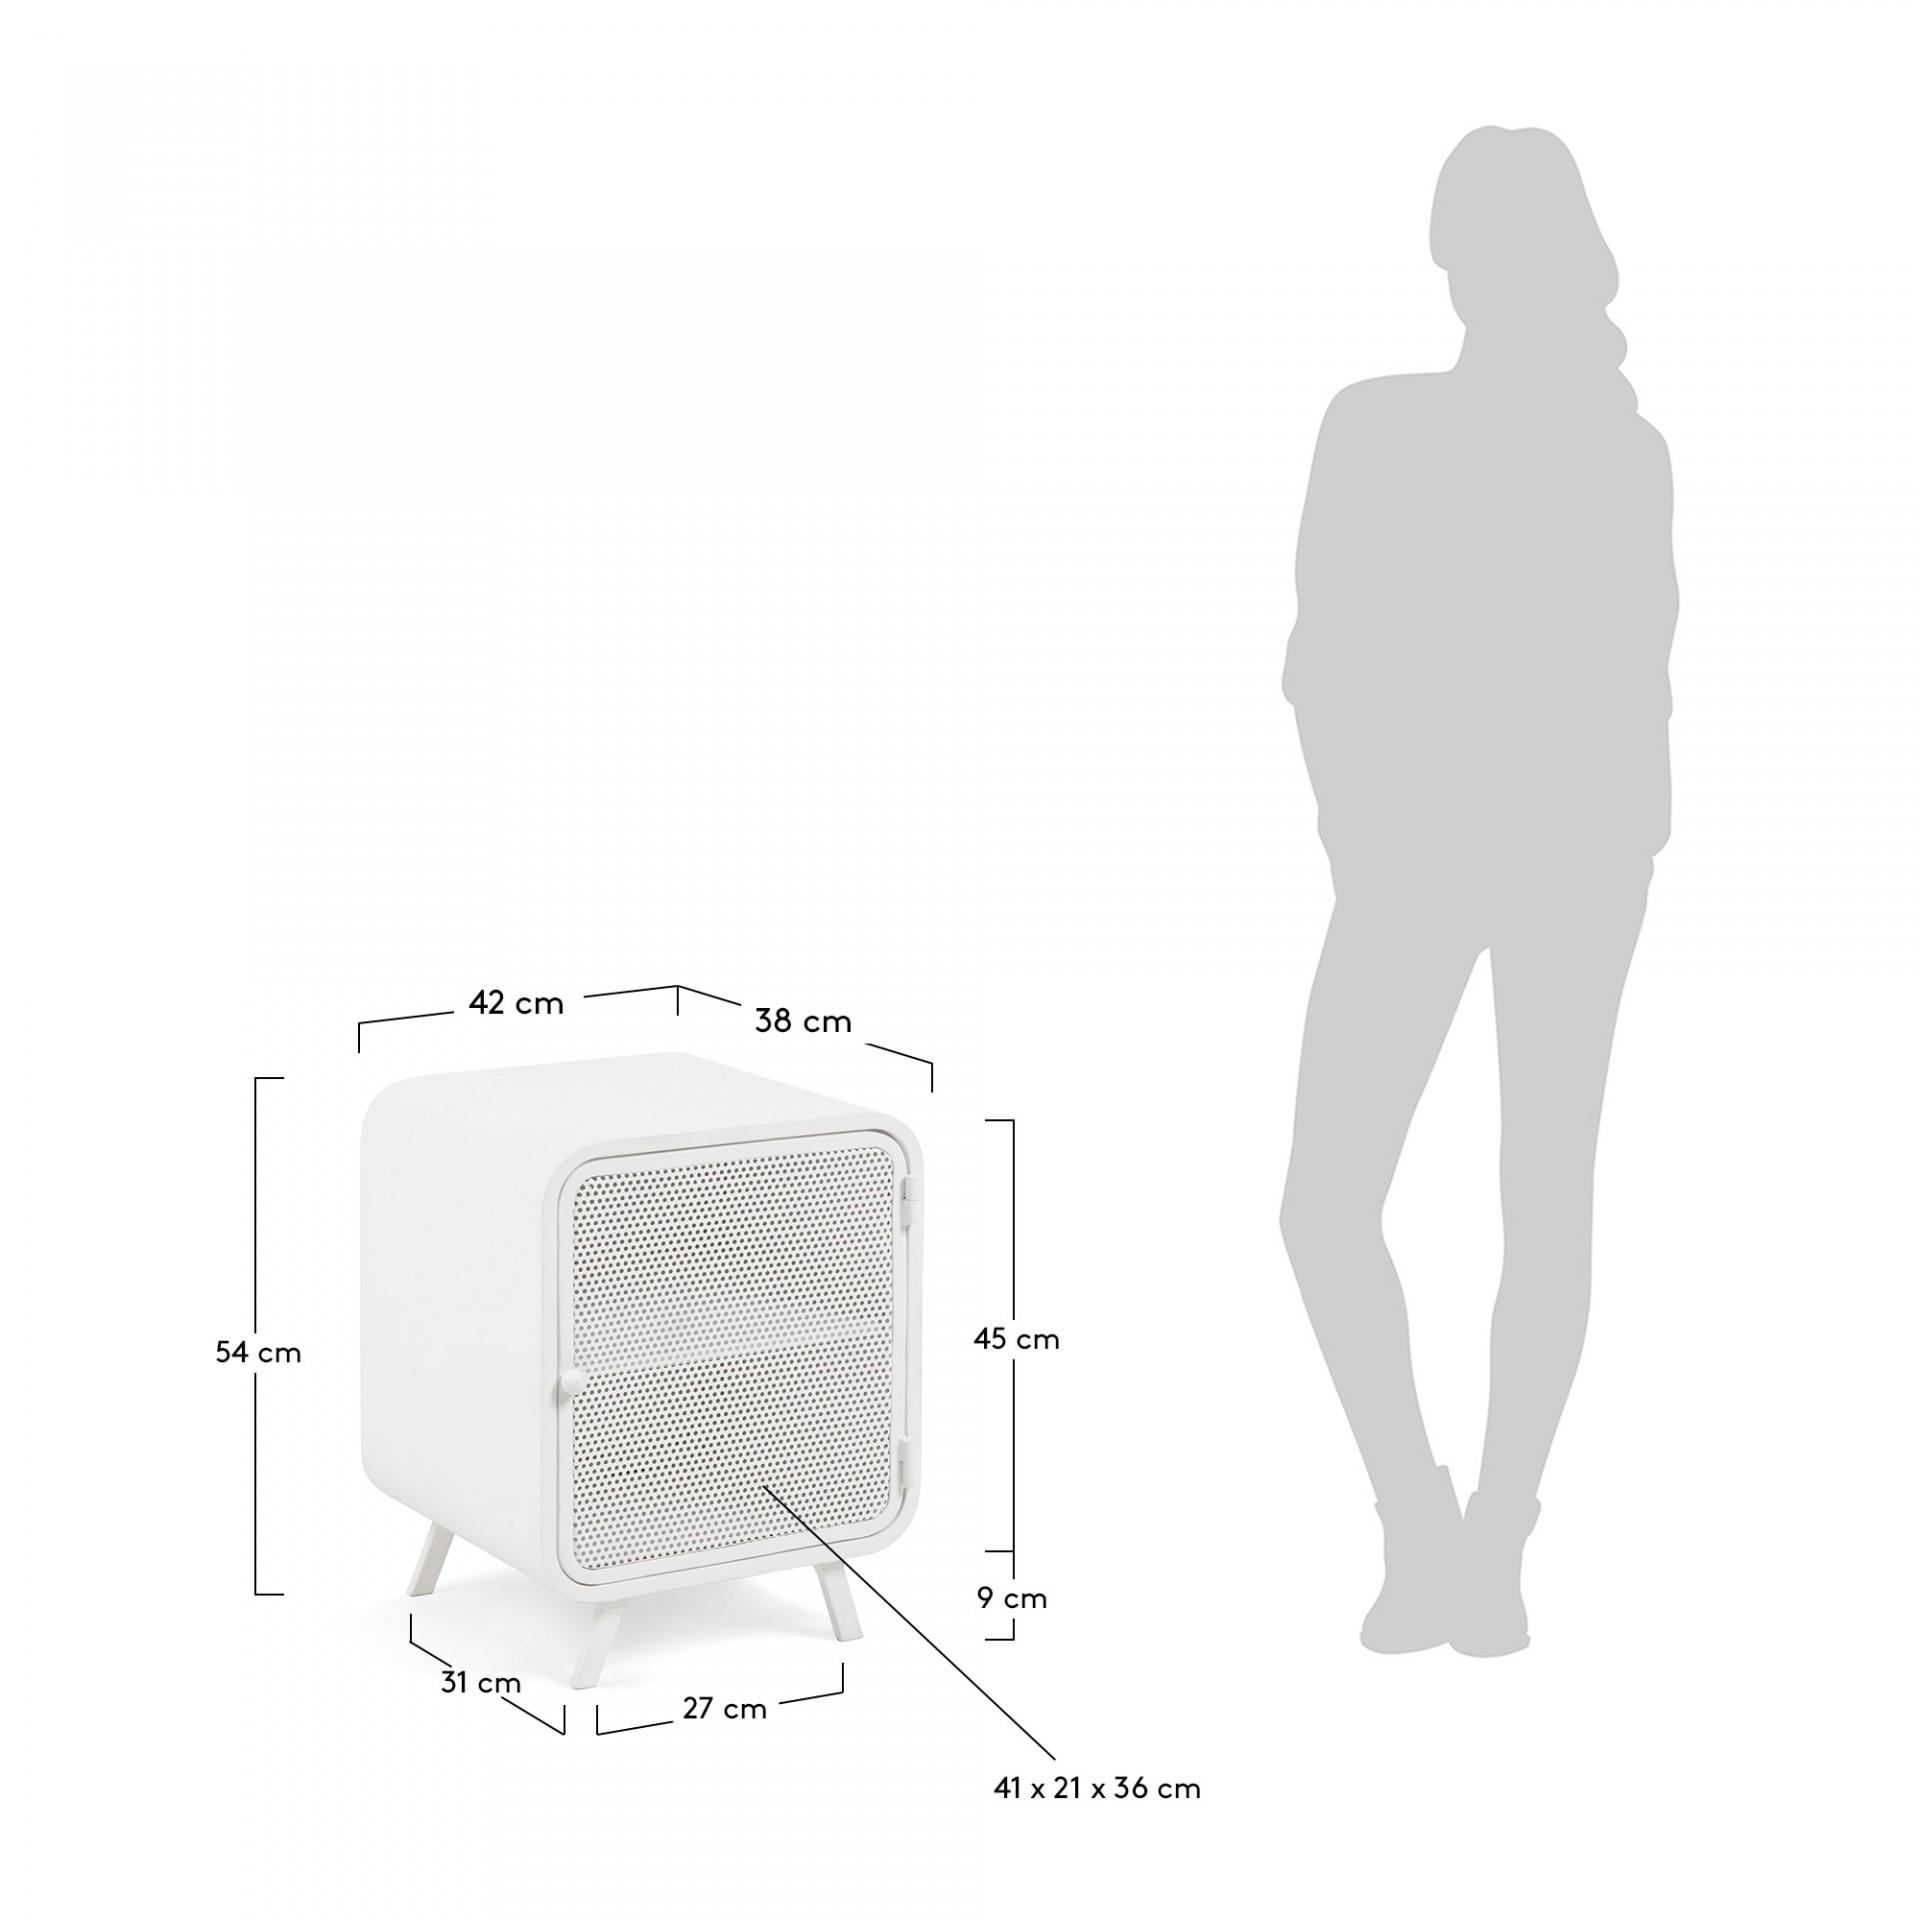 Mesa de cabeceira Rito, metal, branco, 42x54